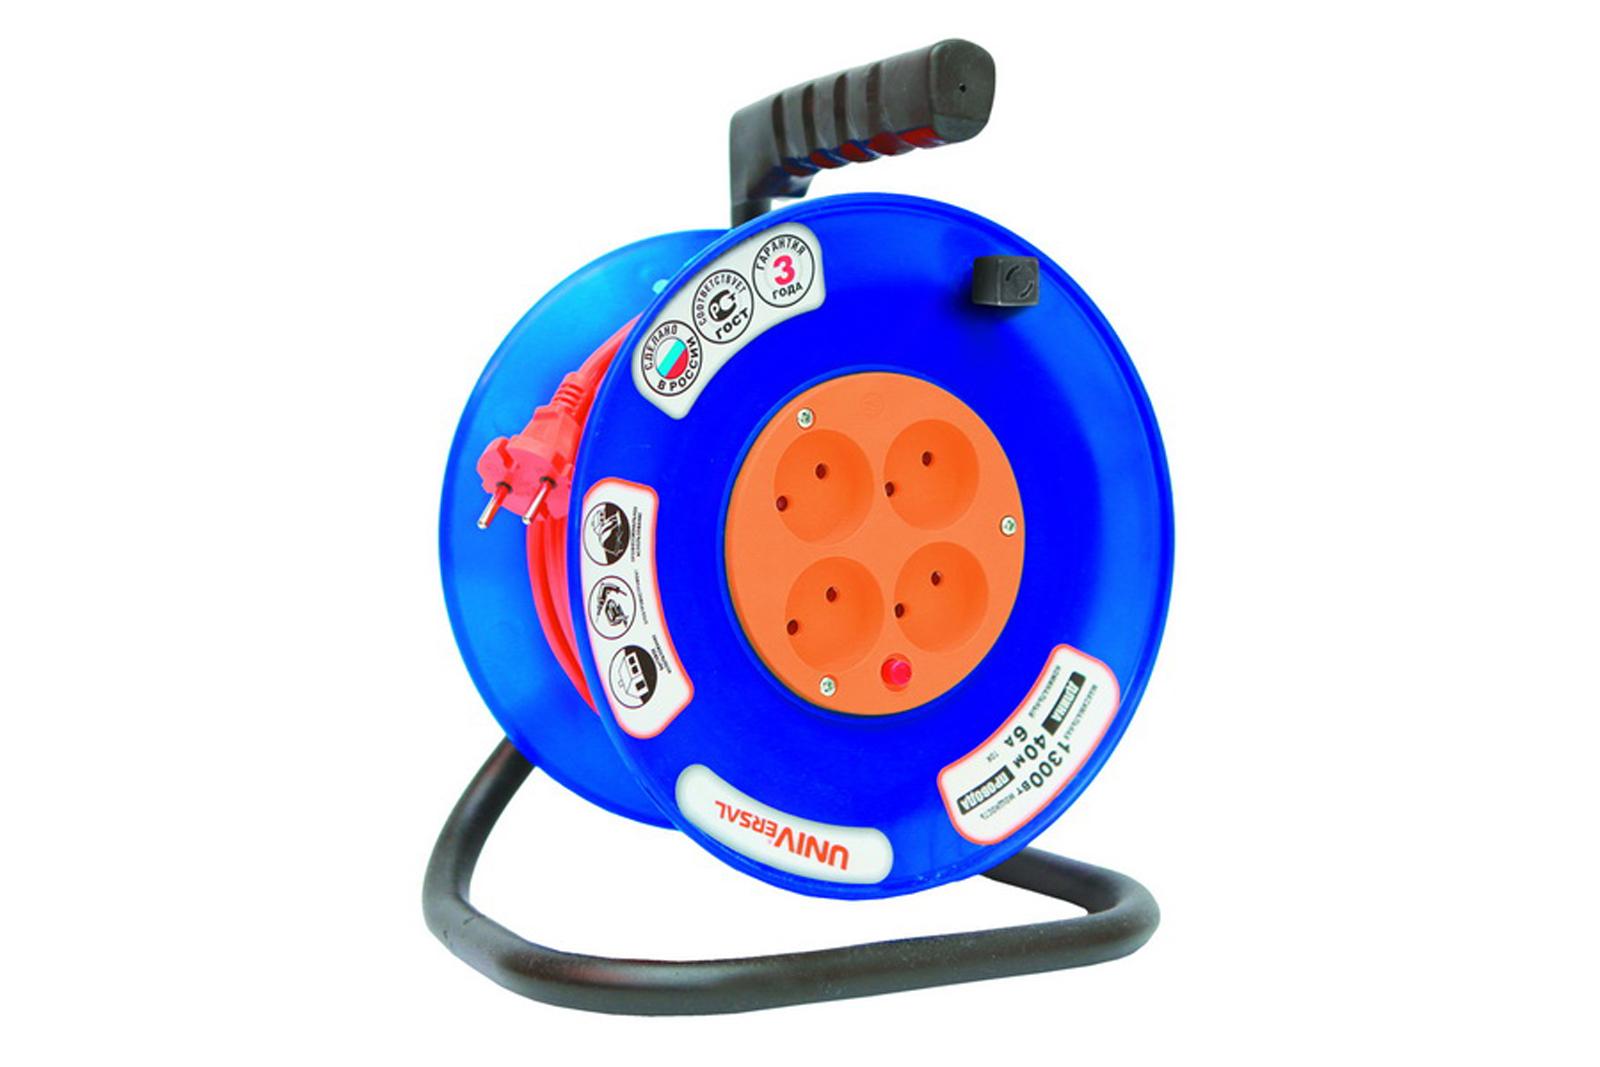 Удлинитель Universal ВЕМ-250 термо ПВС 2*1 4гнезда 20м силовой удлинитель universal вем 250 термо пвс 3 0 75 20м 9634151